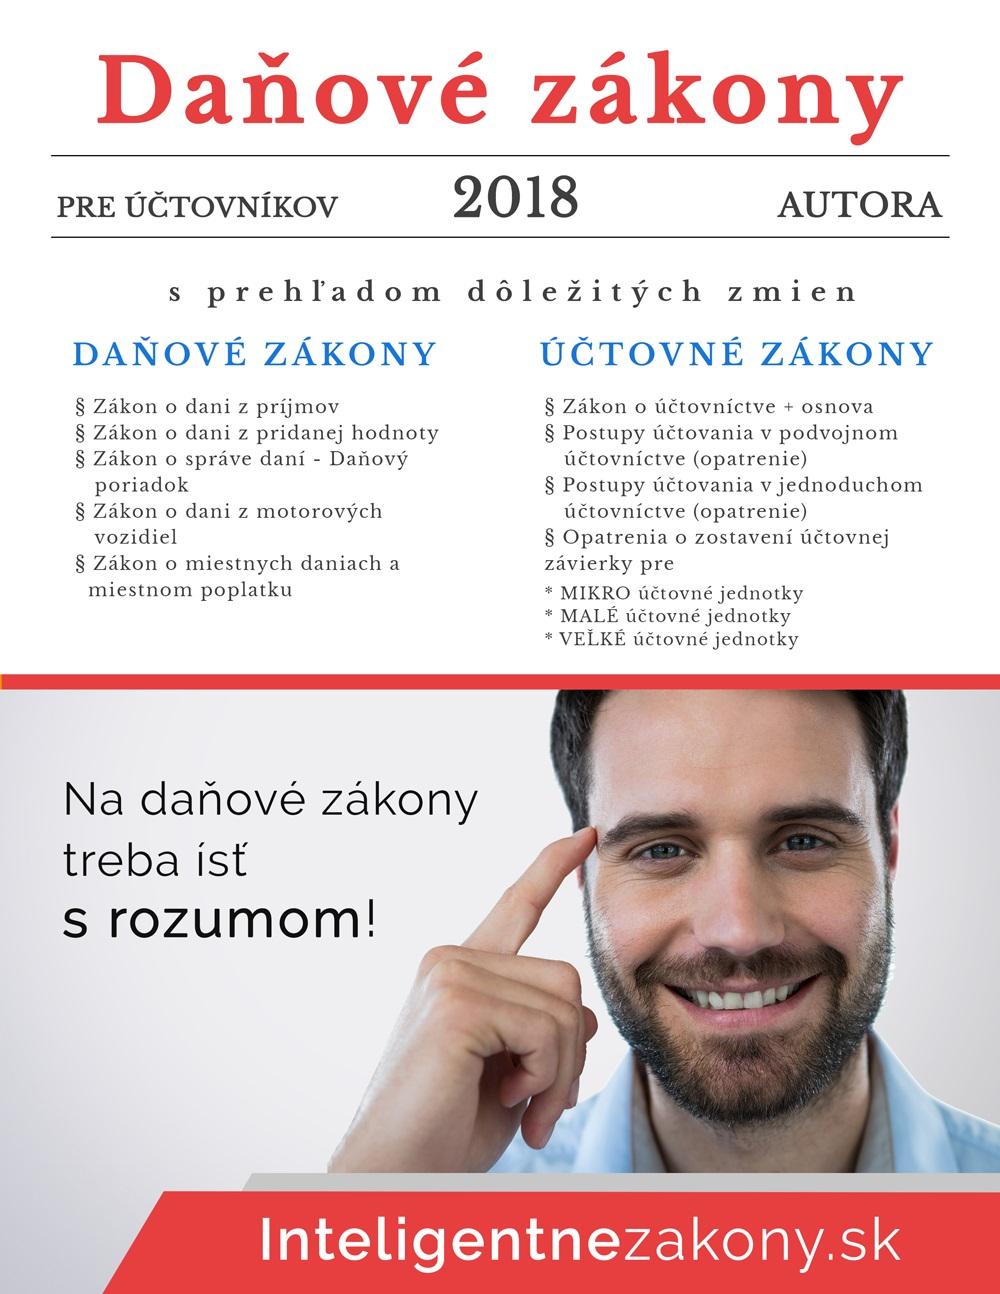 Daňové zákony 2018 pre účtovníkov - s prehľadom dôležitých zmien